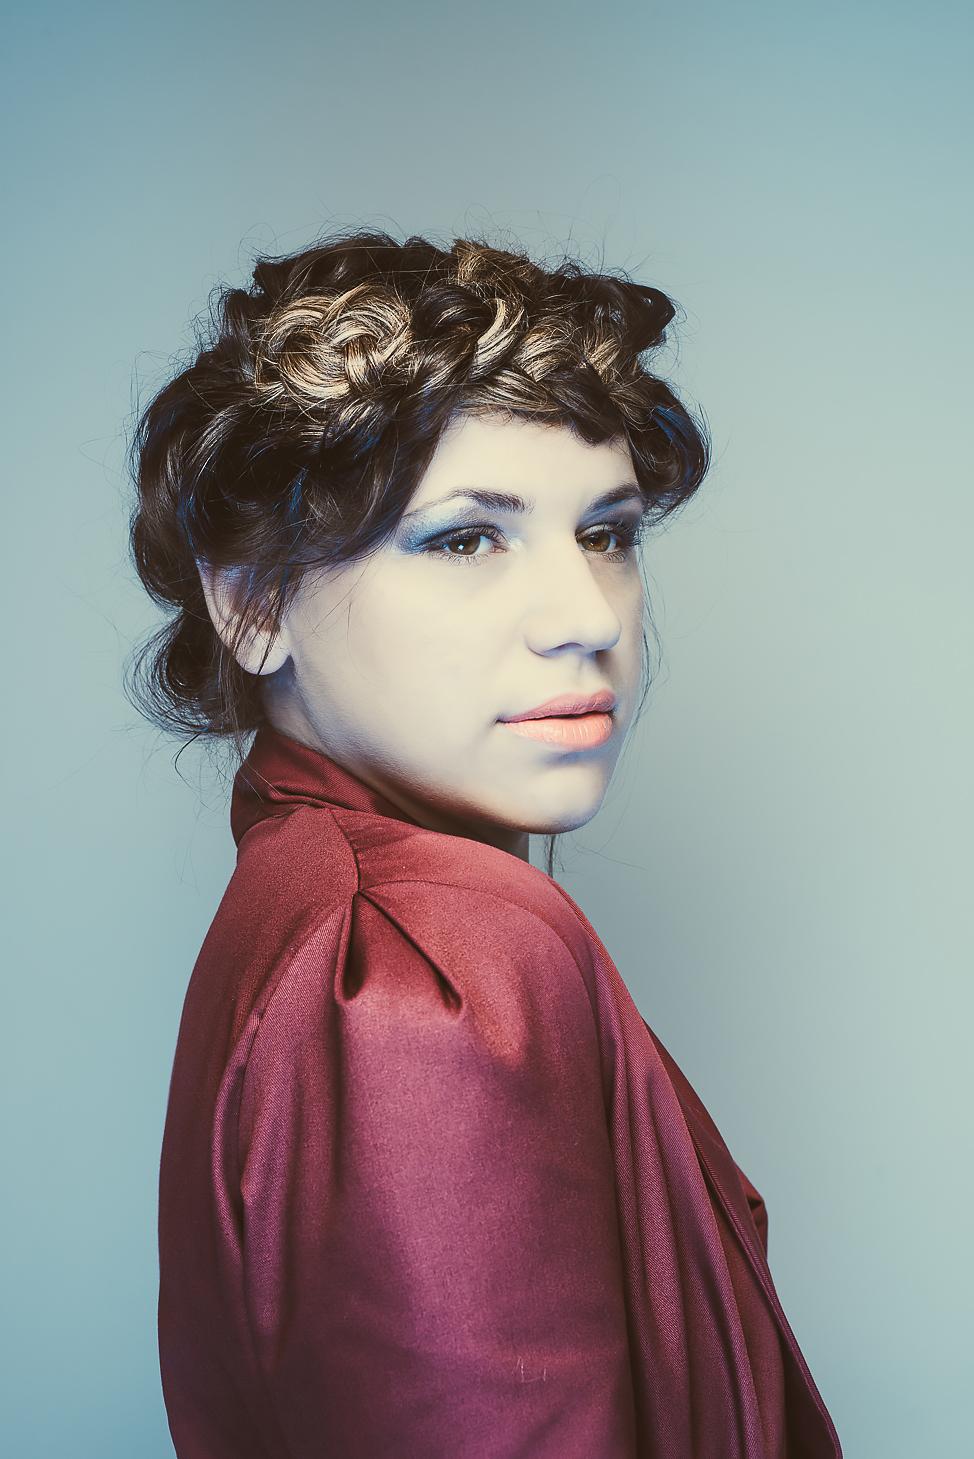 zaramia-ava-zaramiaava-leeds-fashion-designer-ethical-sustainable-tailored-minimalist-mai-burgundy-jacket-dress-belt-versatile-drape-cowl-styling-womenswear-models-photoshoot-shrine-hairdressers-51